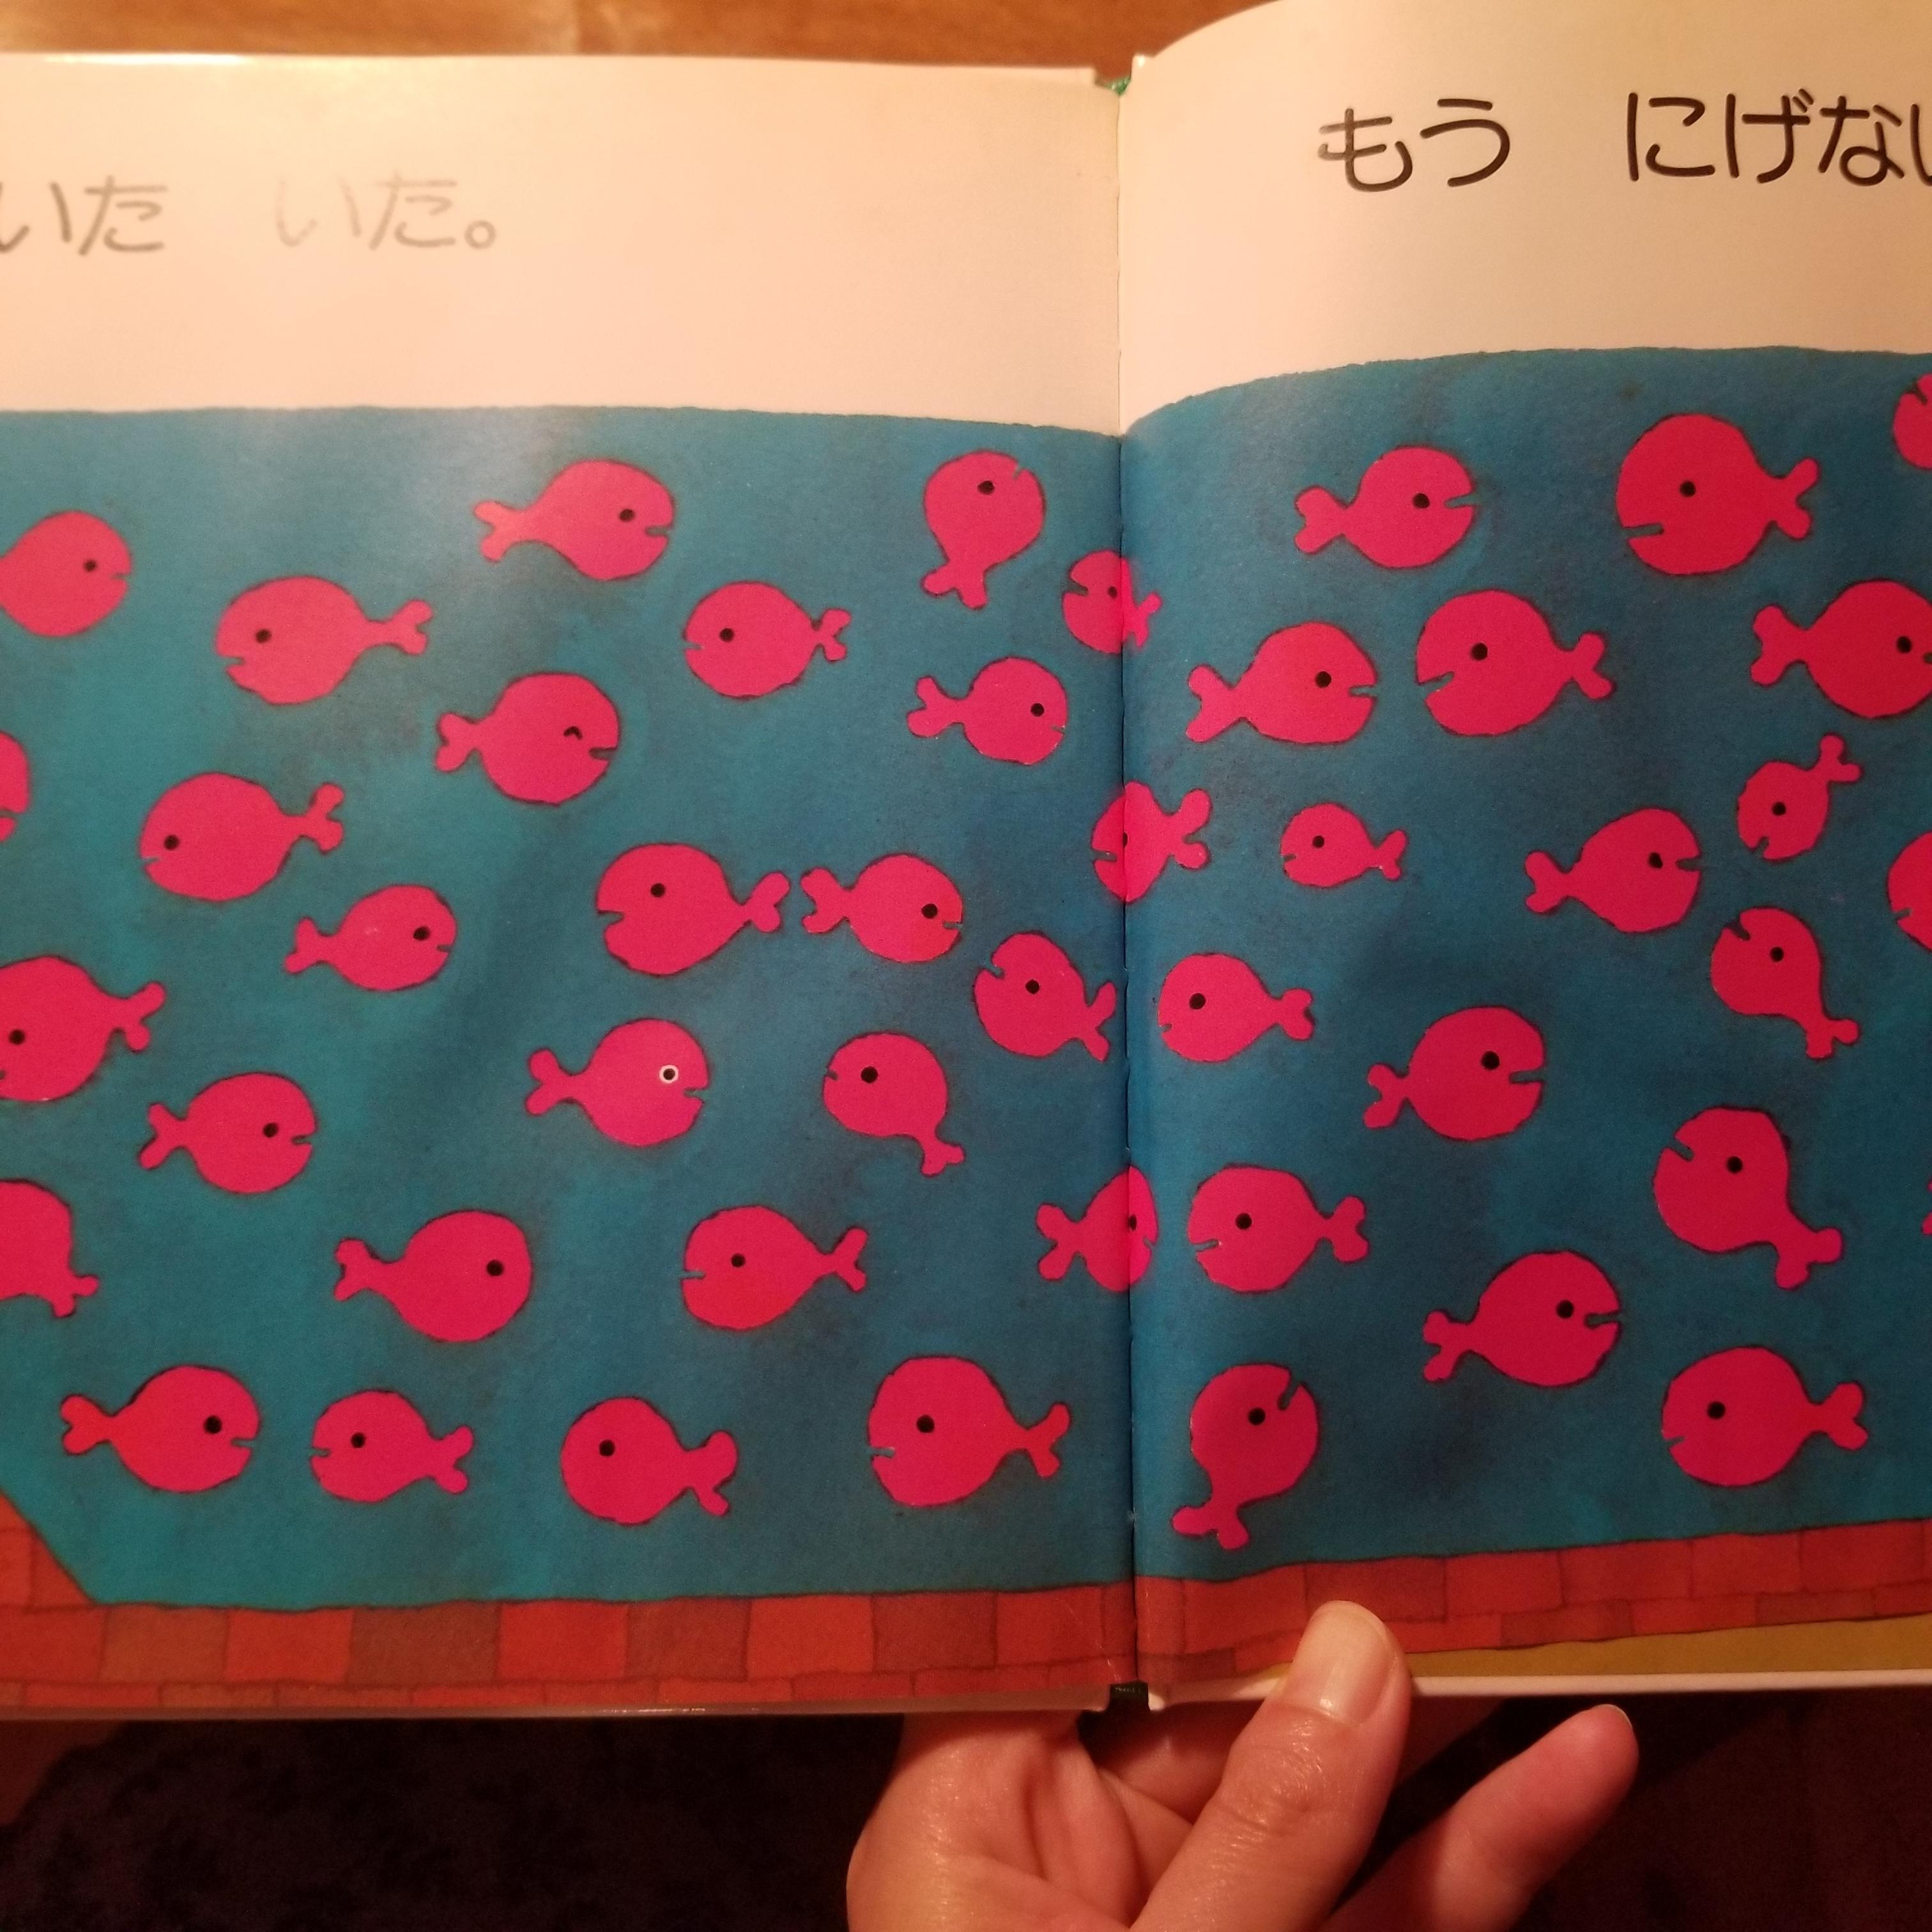 福音館書店 きんぎょが にげた 五味 太郎 の口コミ 評判 2ページ目